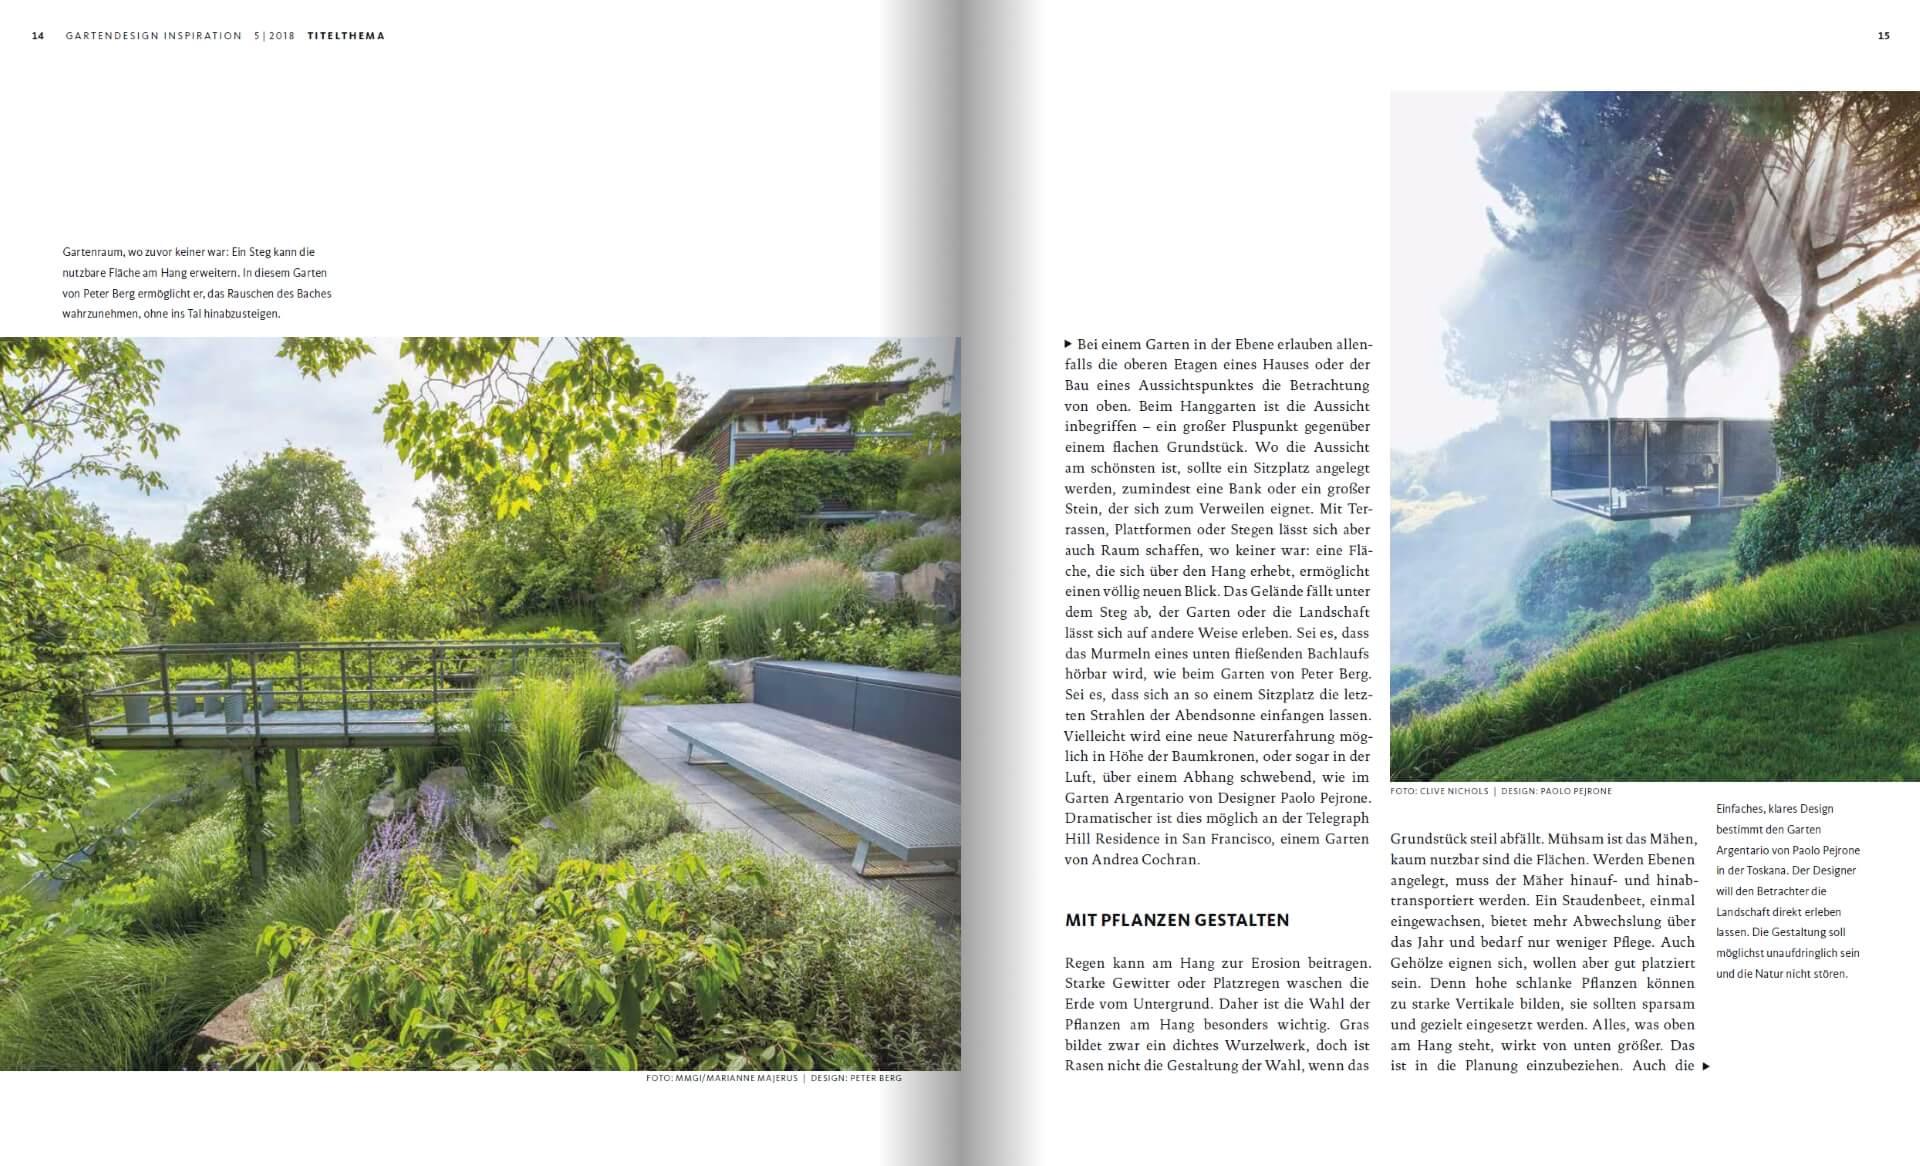 GARTENDESIGN INSPIRATION Ausgabe 5/2018: Hanggärten